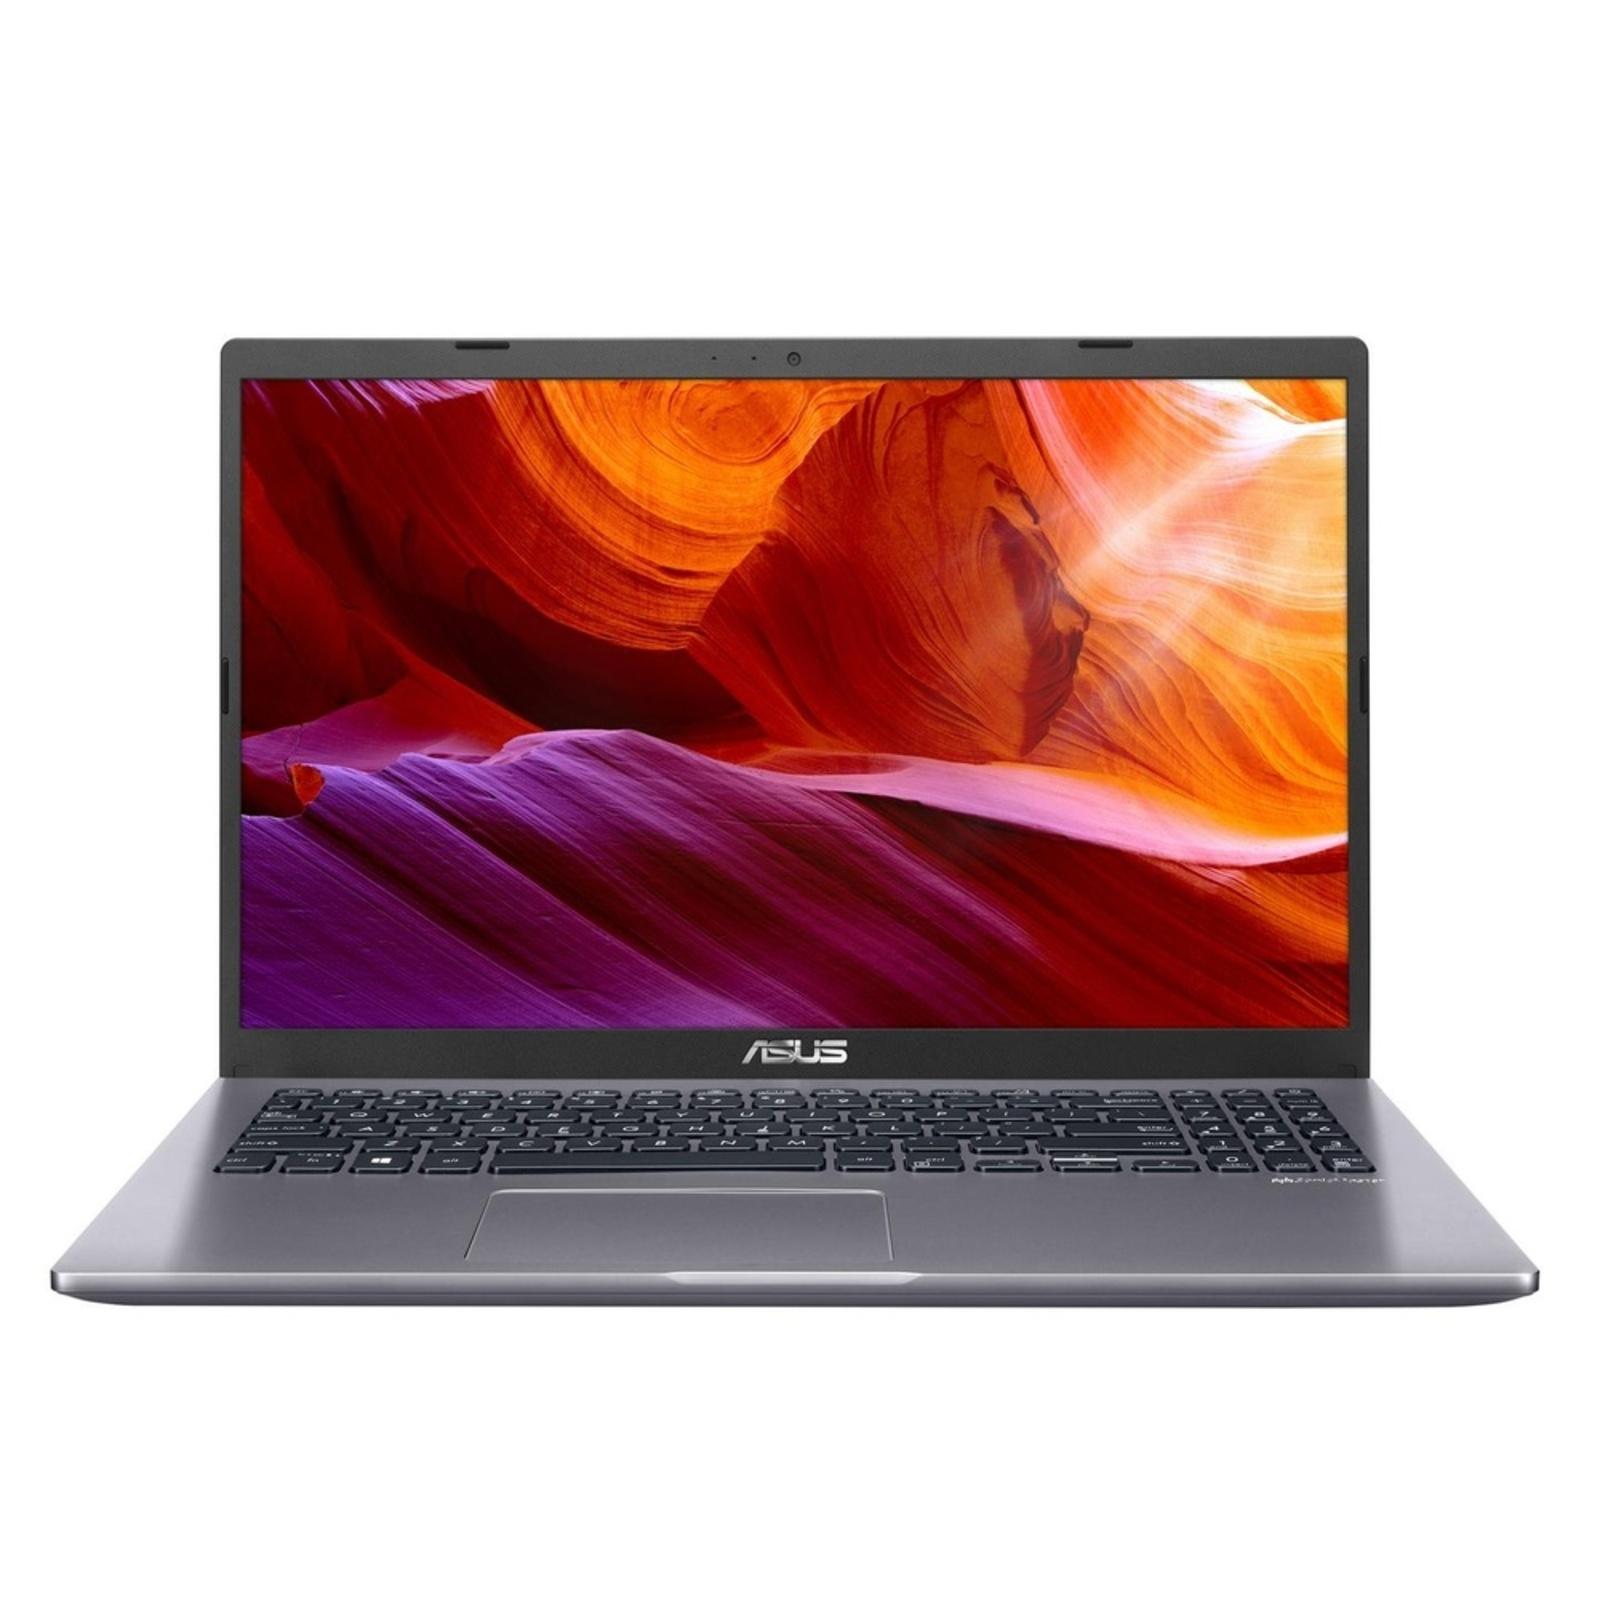 """Asus D509BA 15.6"""" HD Laptop, AMD A9/8GB/Radeon R5/512GBSSD/W10 - Slate Grey"""